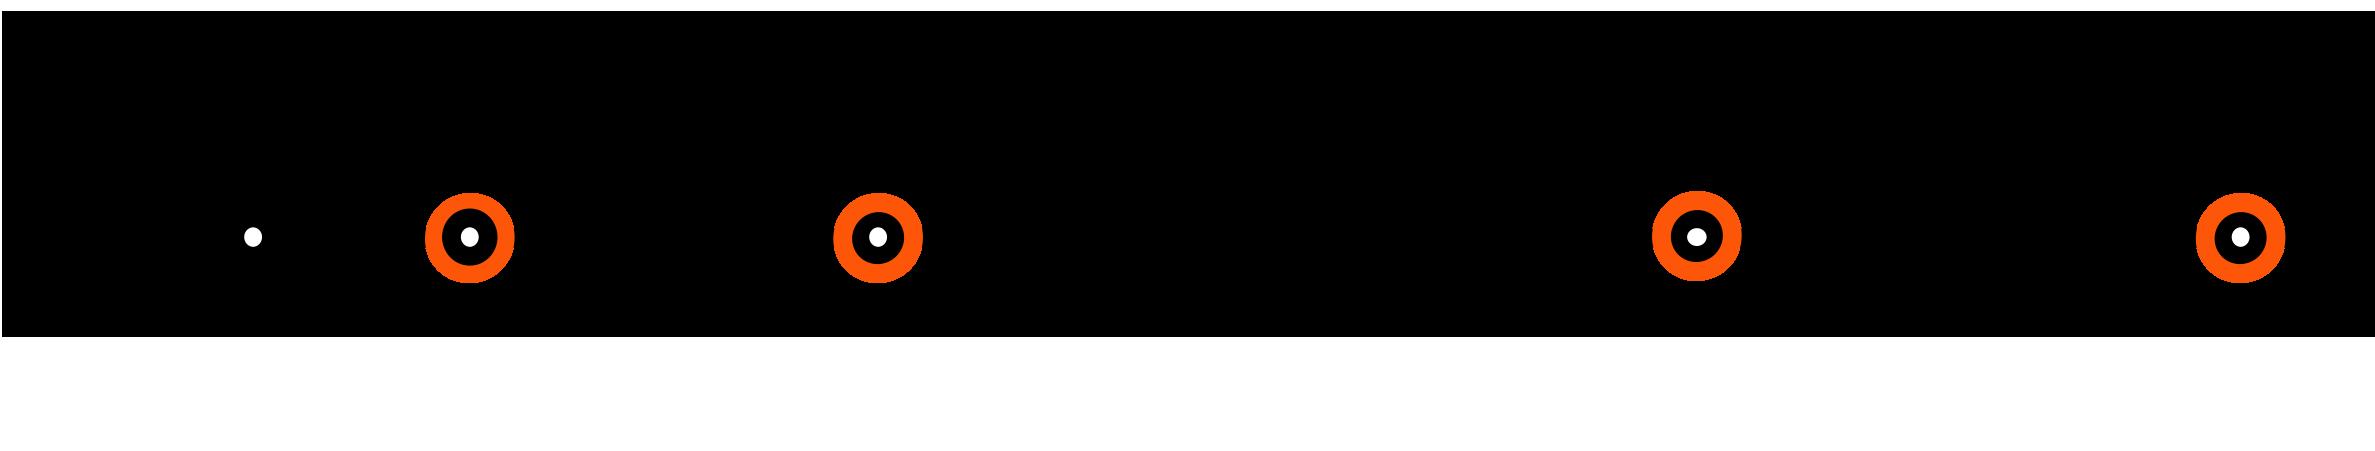 I bilden finns en tidslinje som beskriver viktiga tidpunkter i STEA. I januari-februari publiceras understödsbeslutet, ansökan om nya understöd görs i mars, ansökan om fortsatta understöd görs i augusti-september och understödsförslagen publiceras i december. Resultatrapporten lämnas in i mars och årsredovisning i maj.